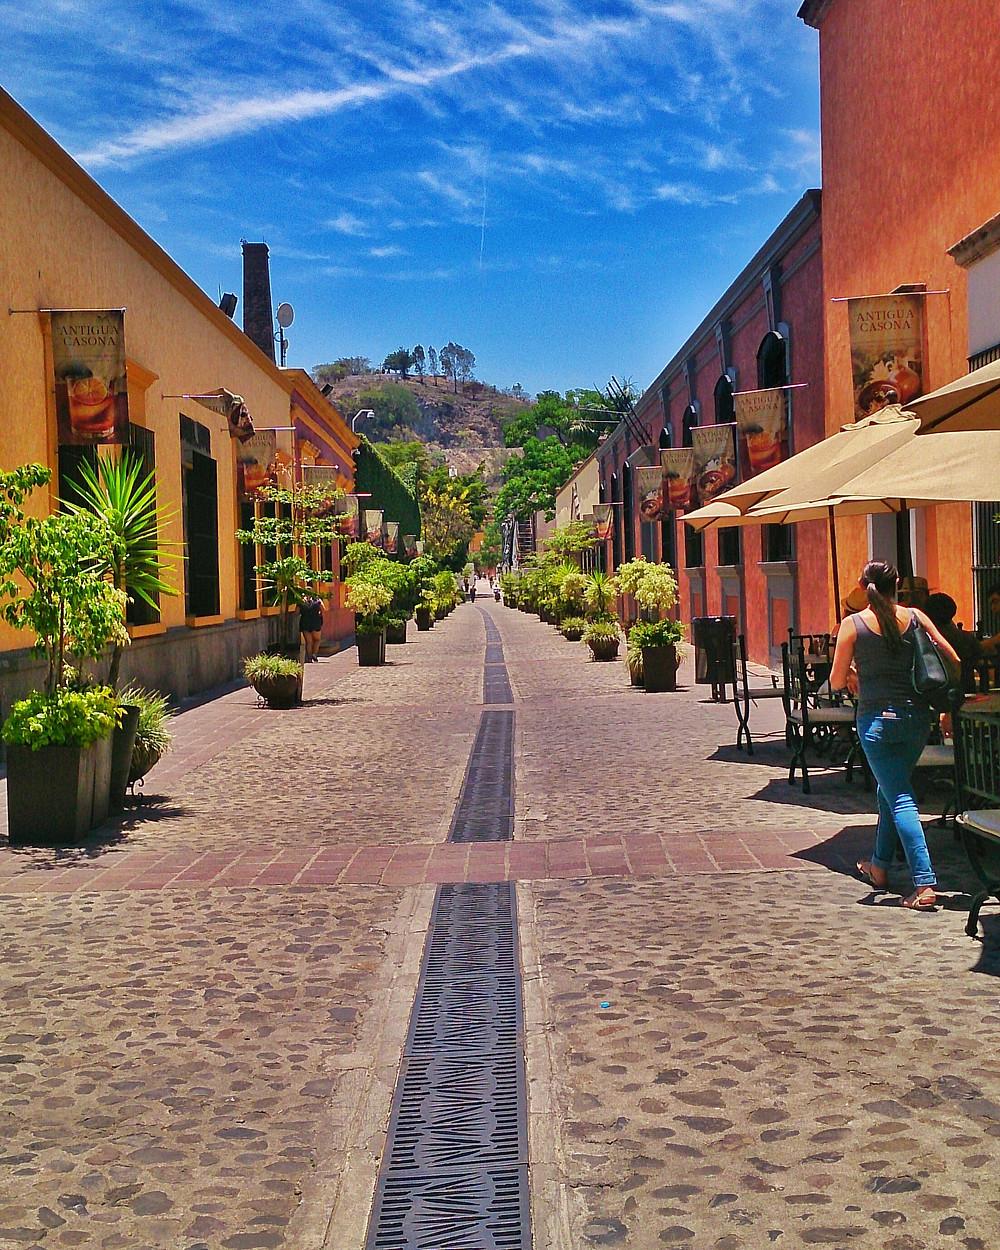 este lindo andador te lleva a la casa tequilera de Jose Cuervo para descubrir sus procesos y comprar sus productos, una te las tequileras mas importantes de Mexico